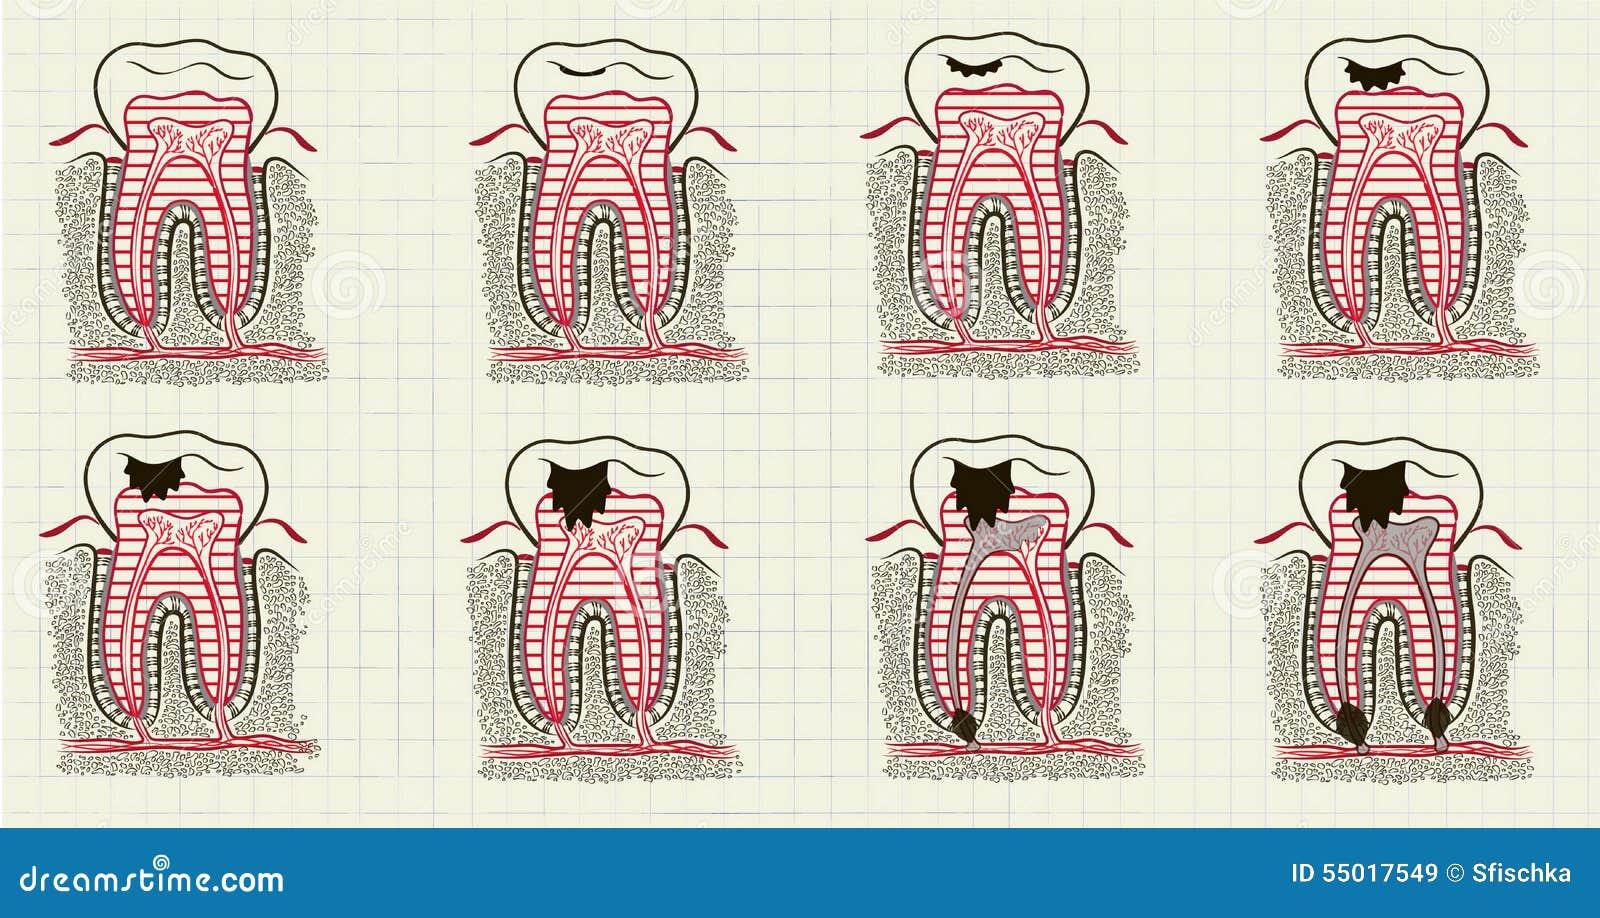 Falscher Zahn vektor abbildung. Illustration von gummi - 55017549